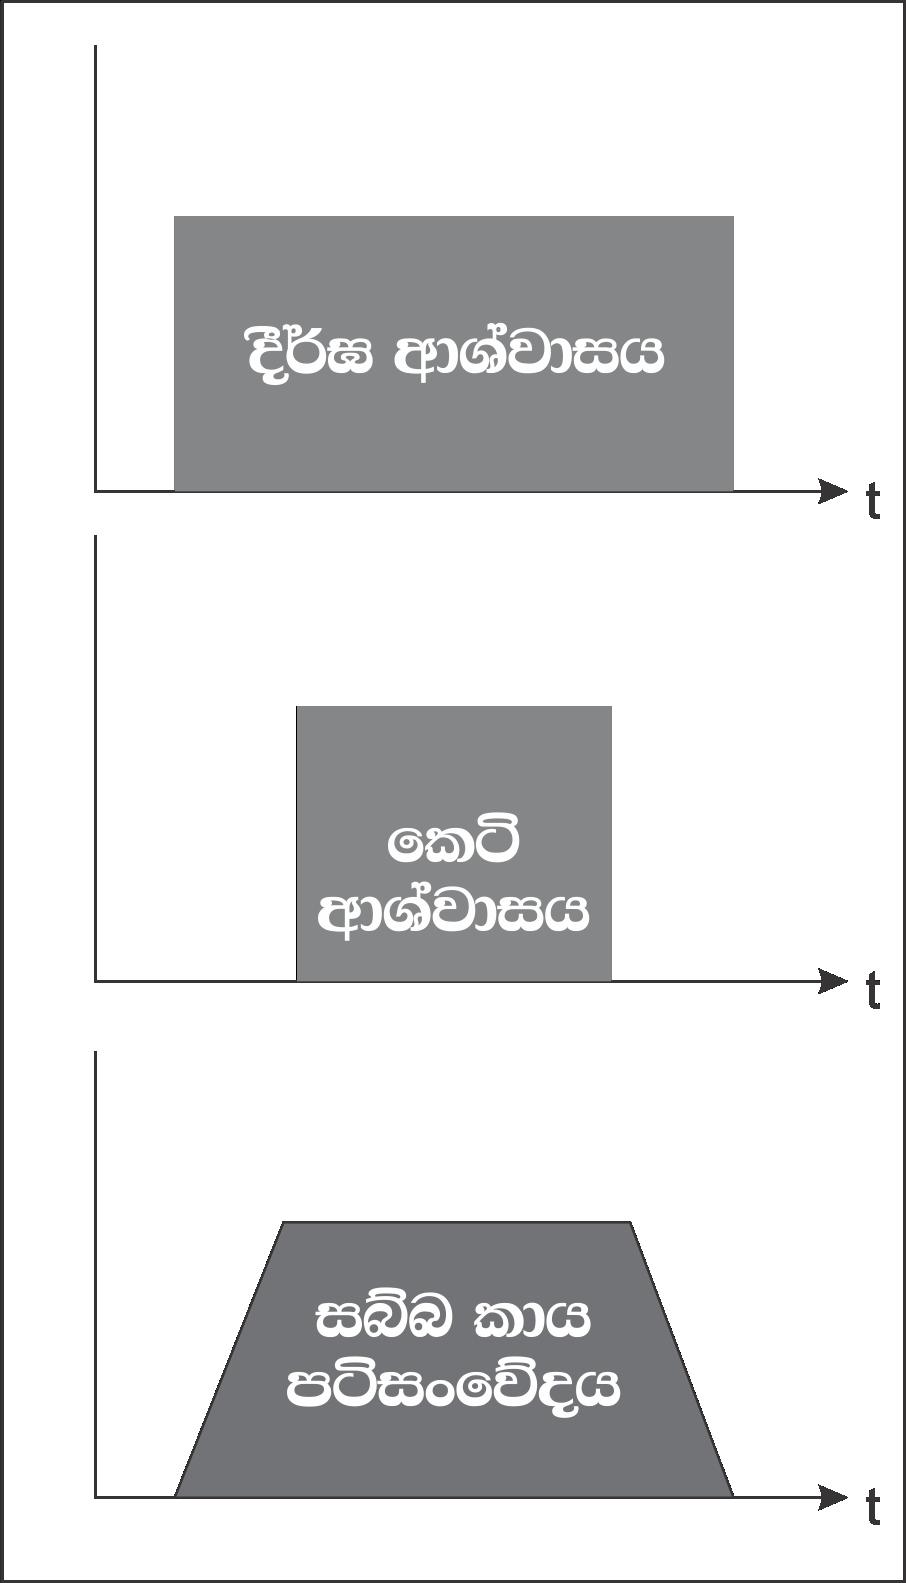 anapanaya